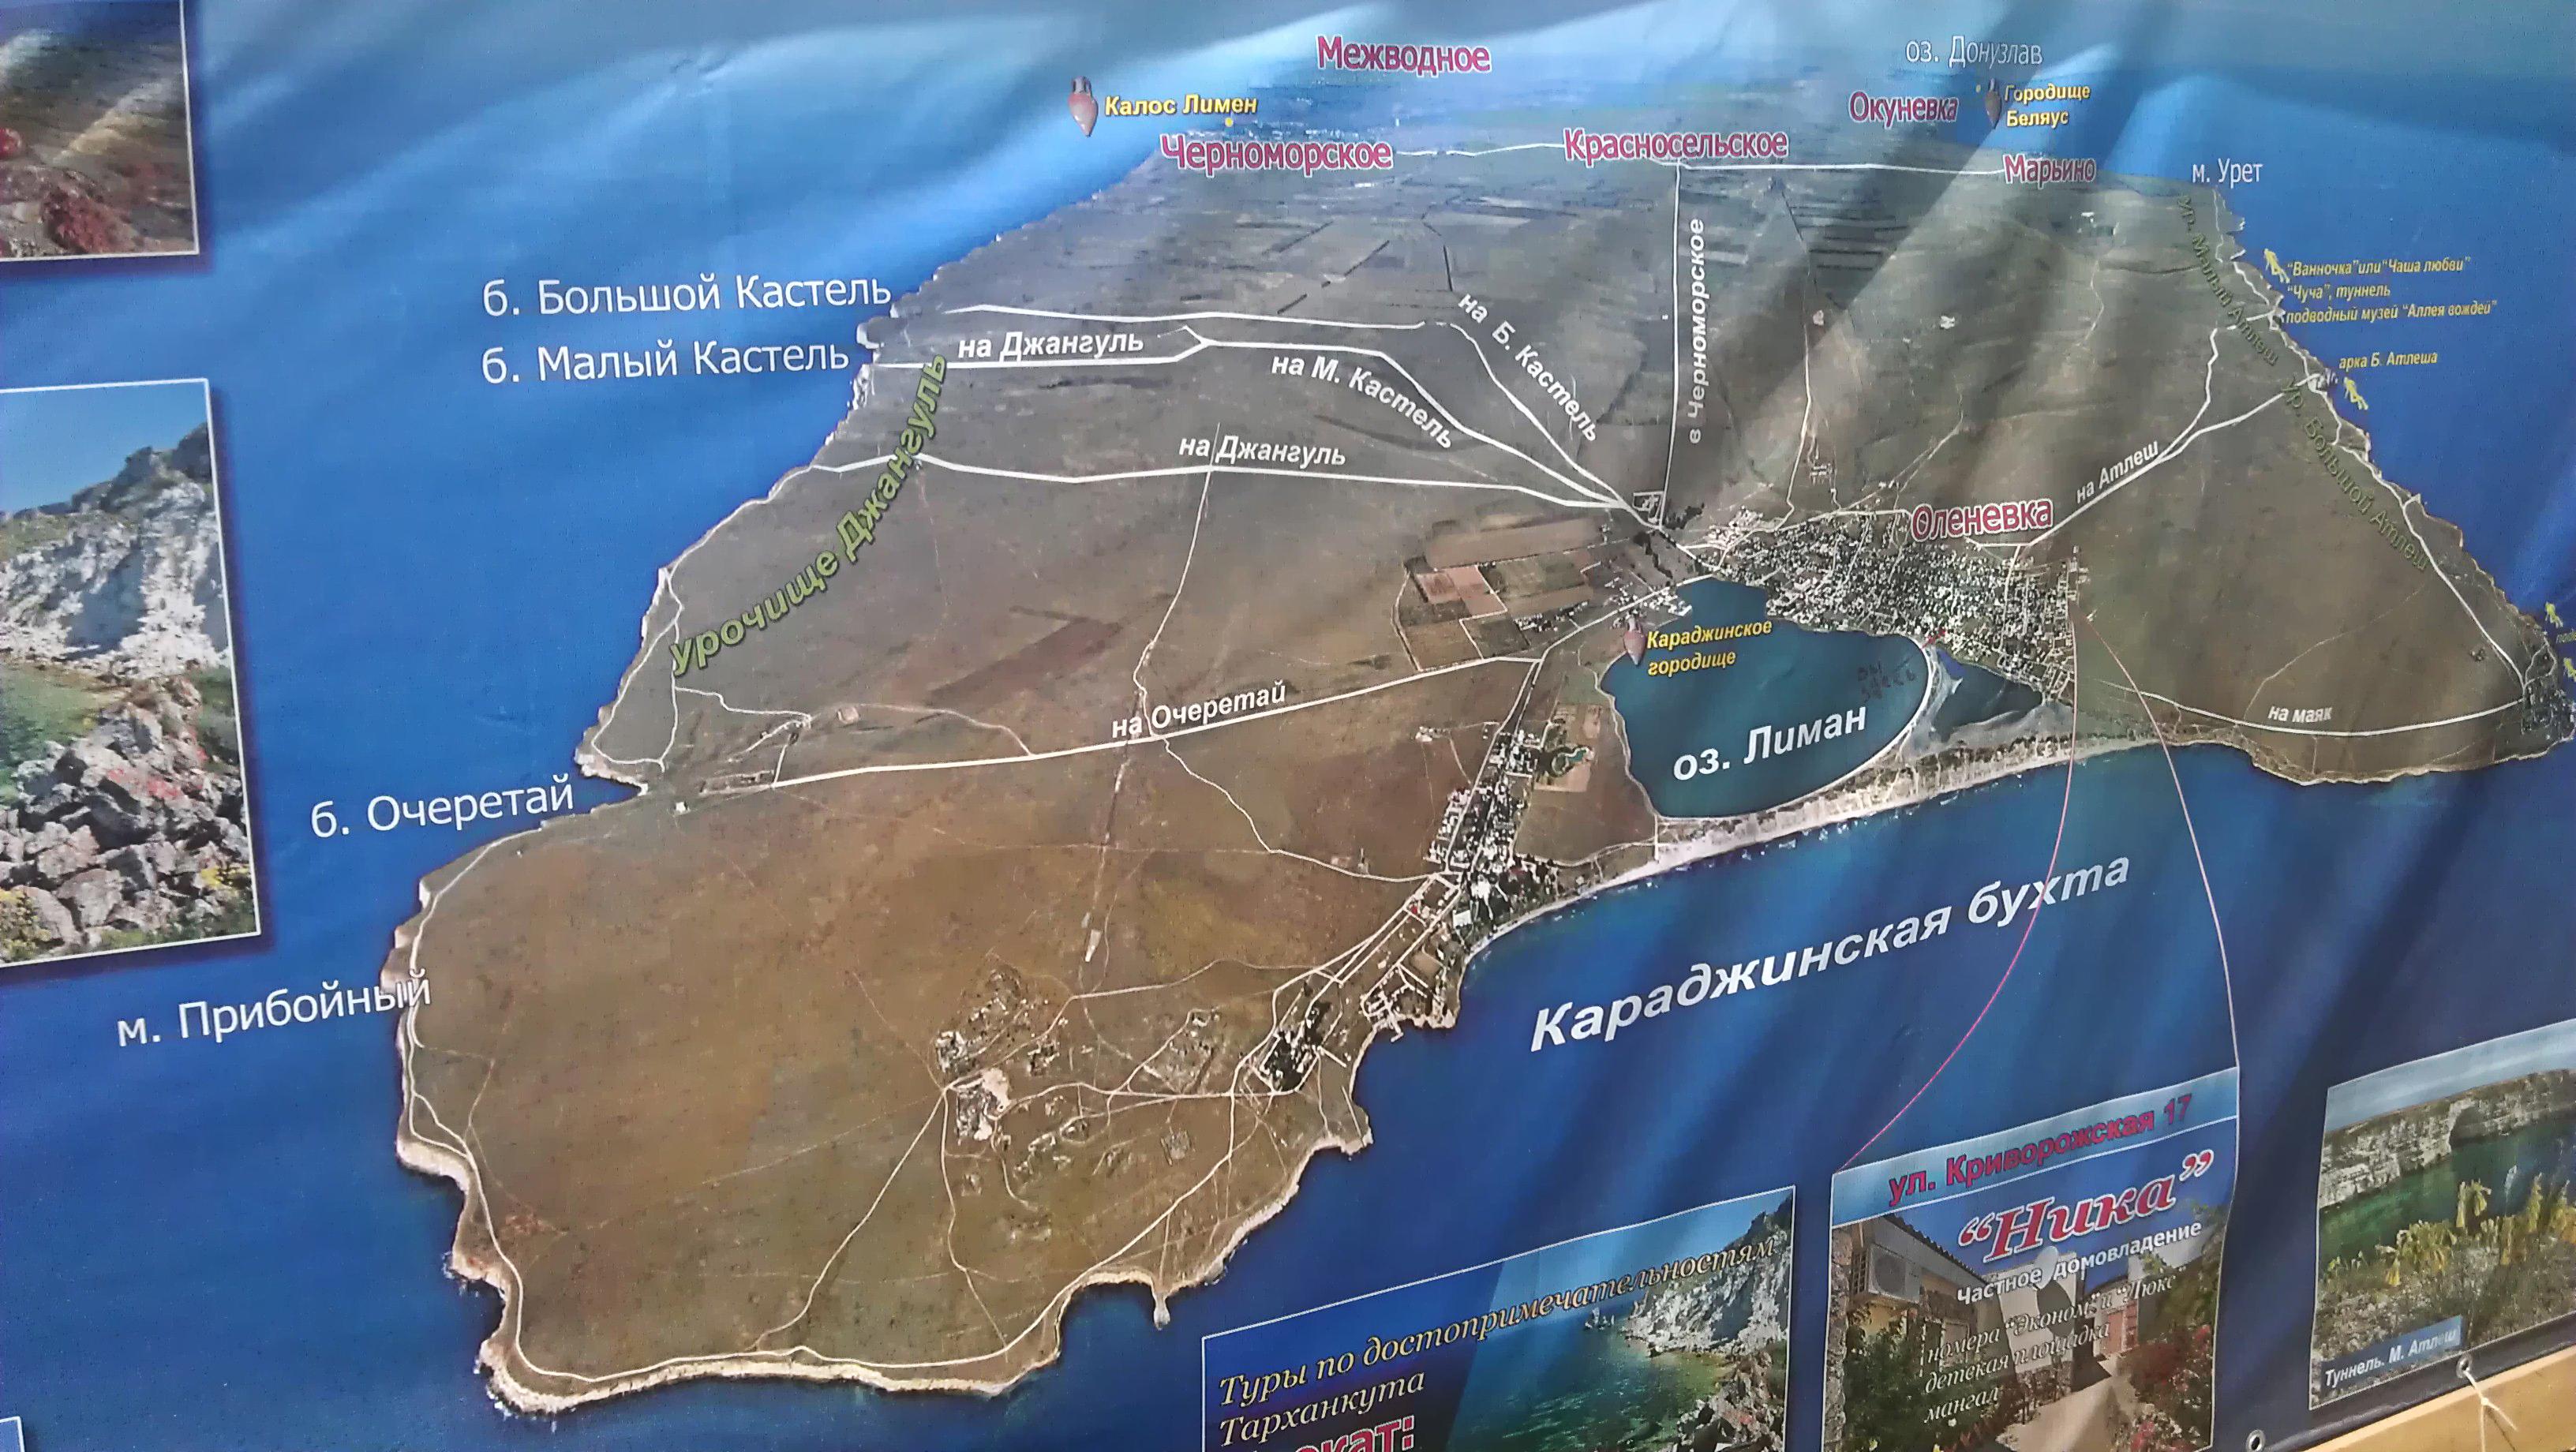 Карта окрестностей села Оленевка (Крым)